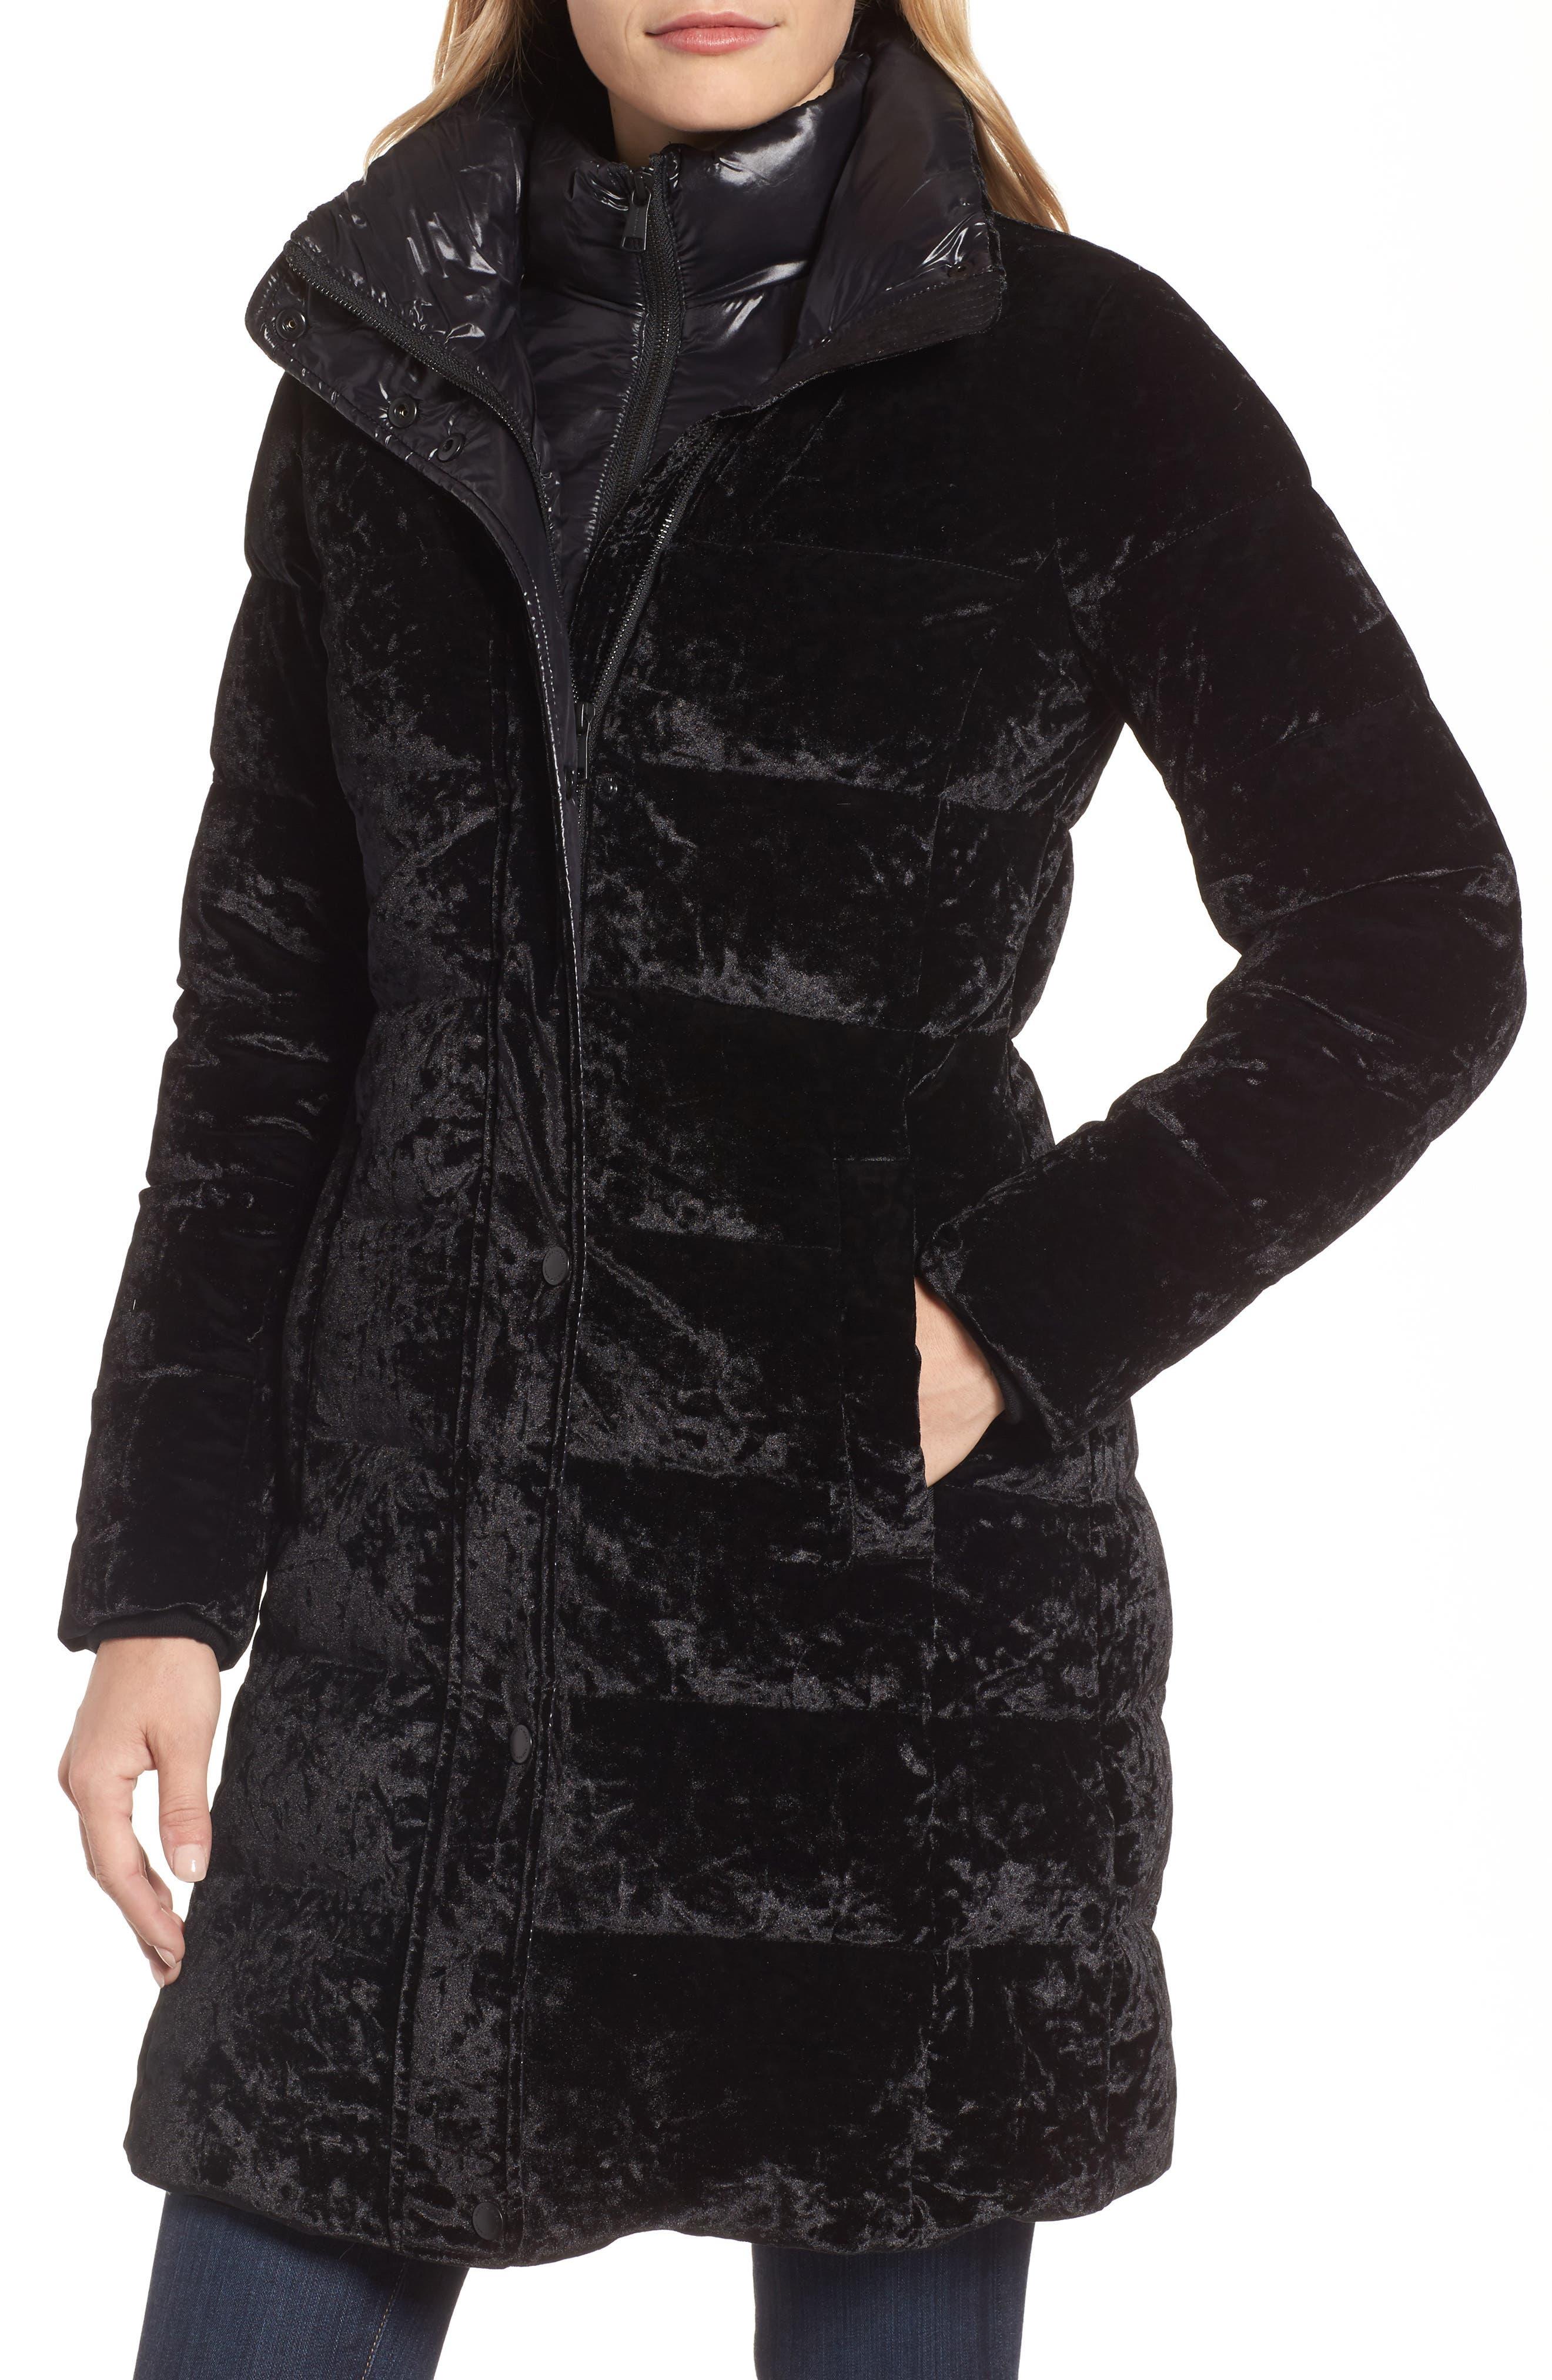 Velvet Down Jacket with Genuine Fox Fur,                             Alternate thumbnail 4, color,                             Black